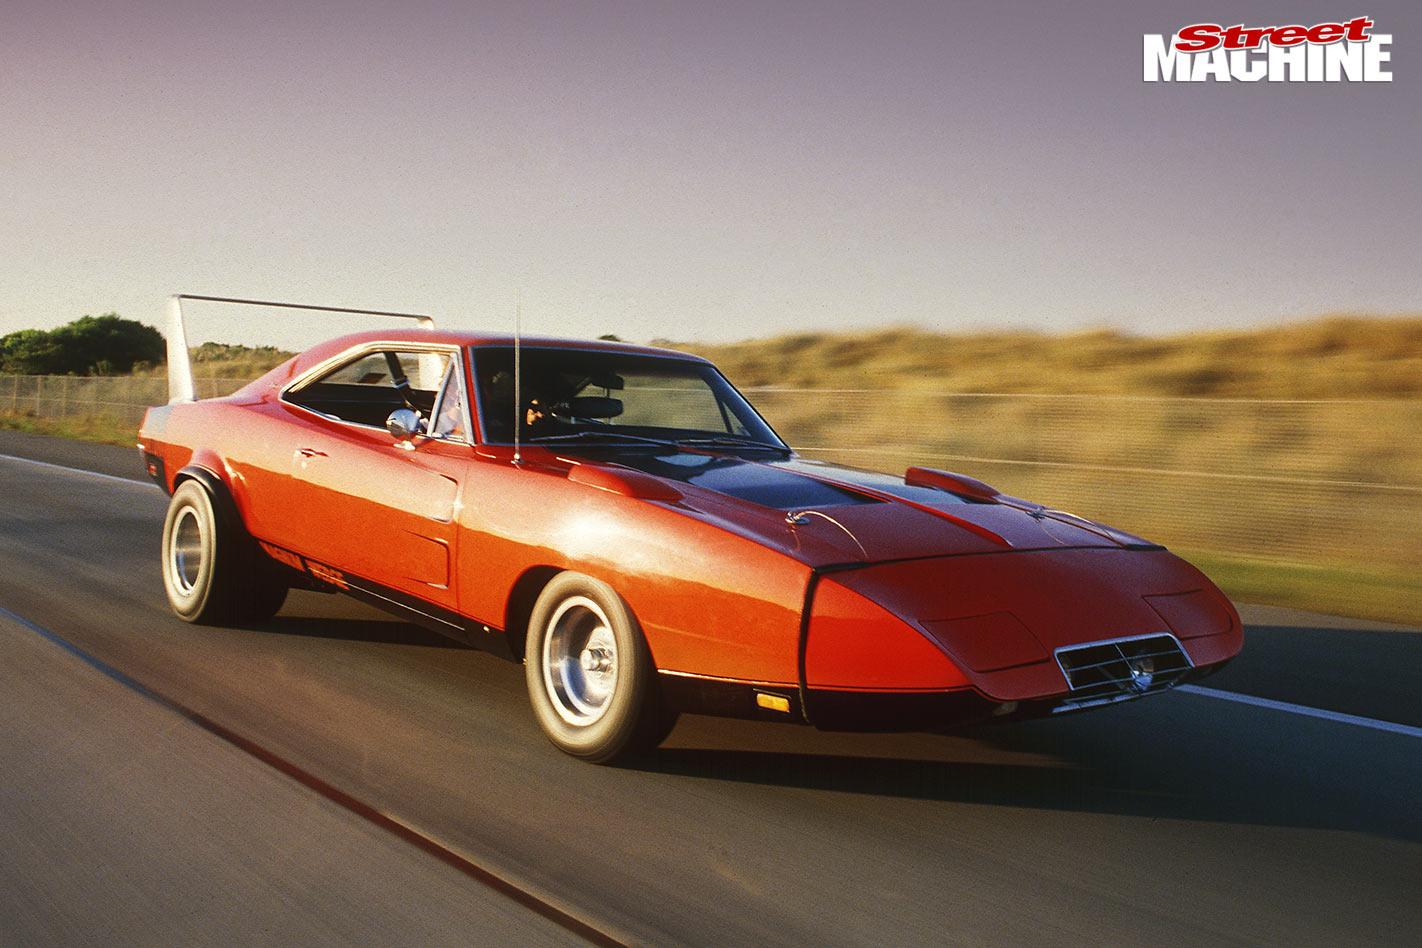 Dodge Charger Daytona street freak, photo 03.